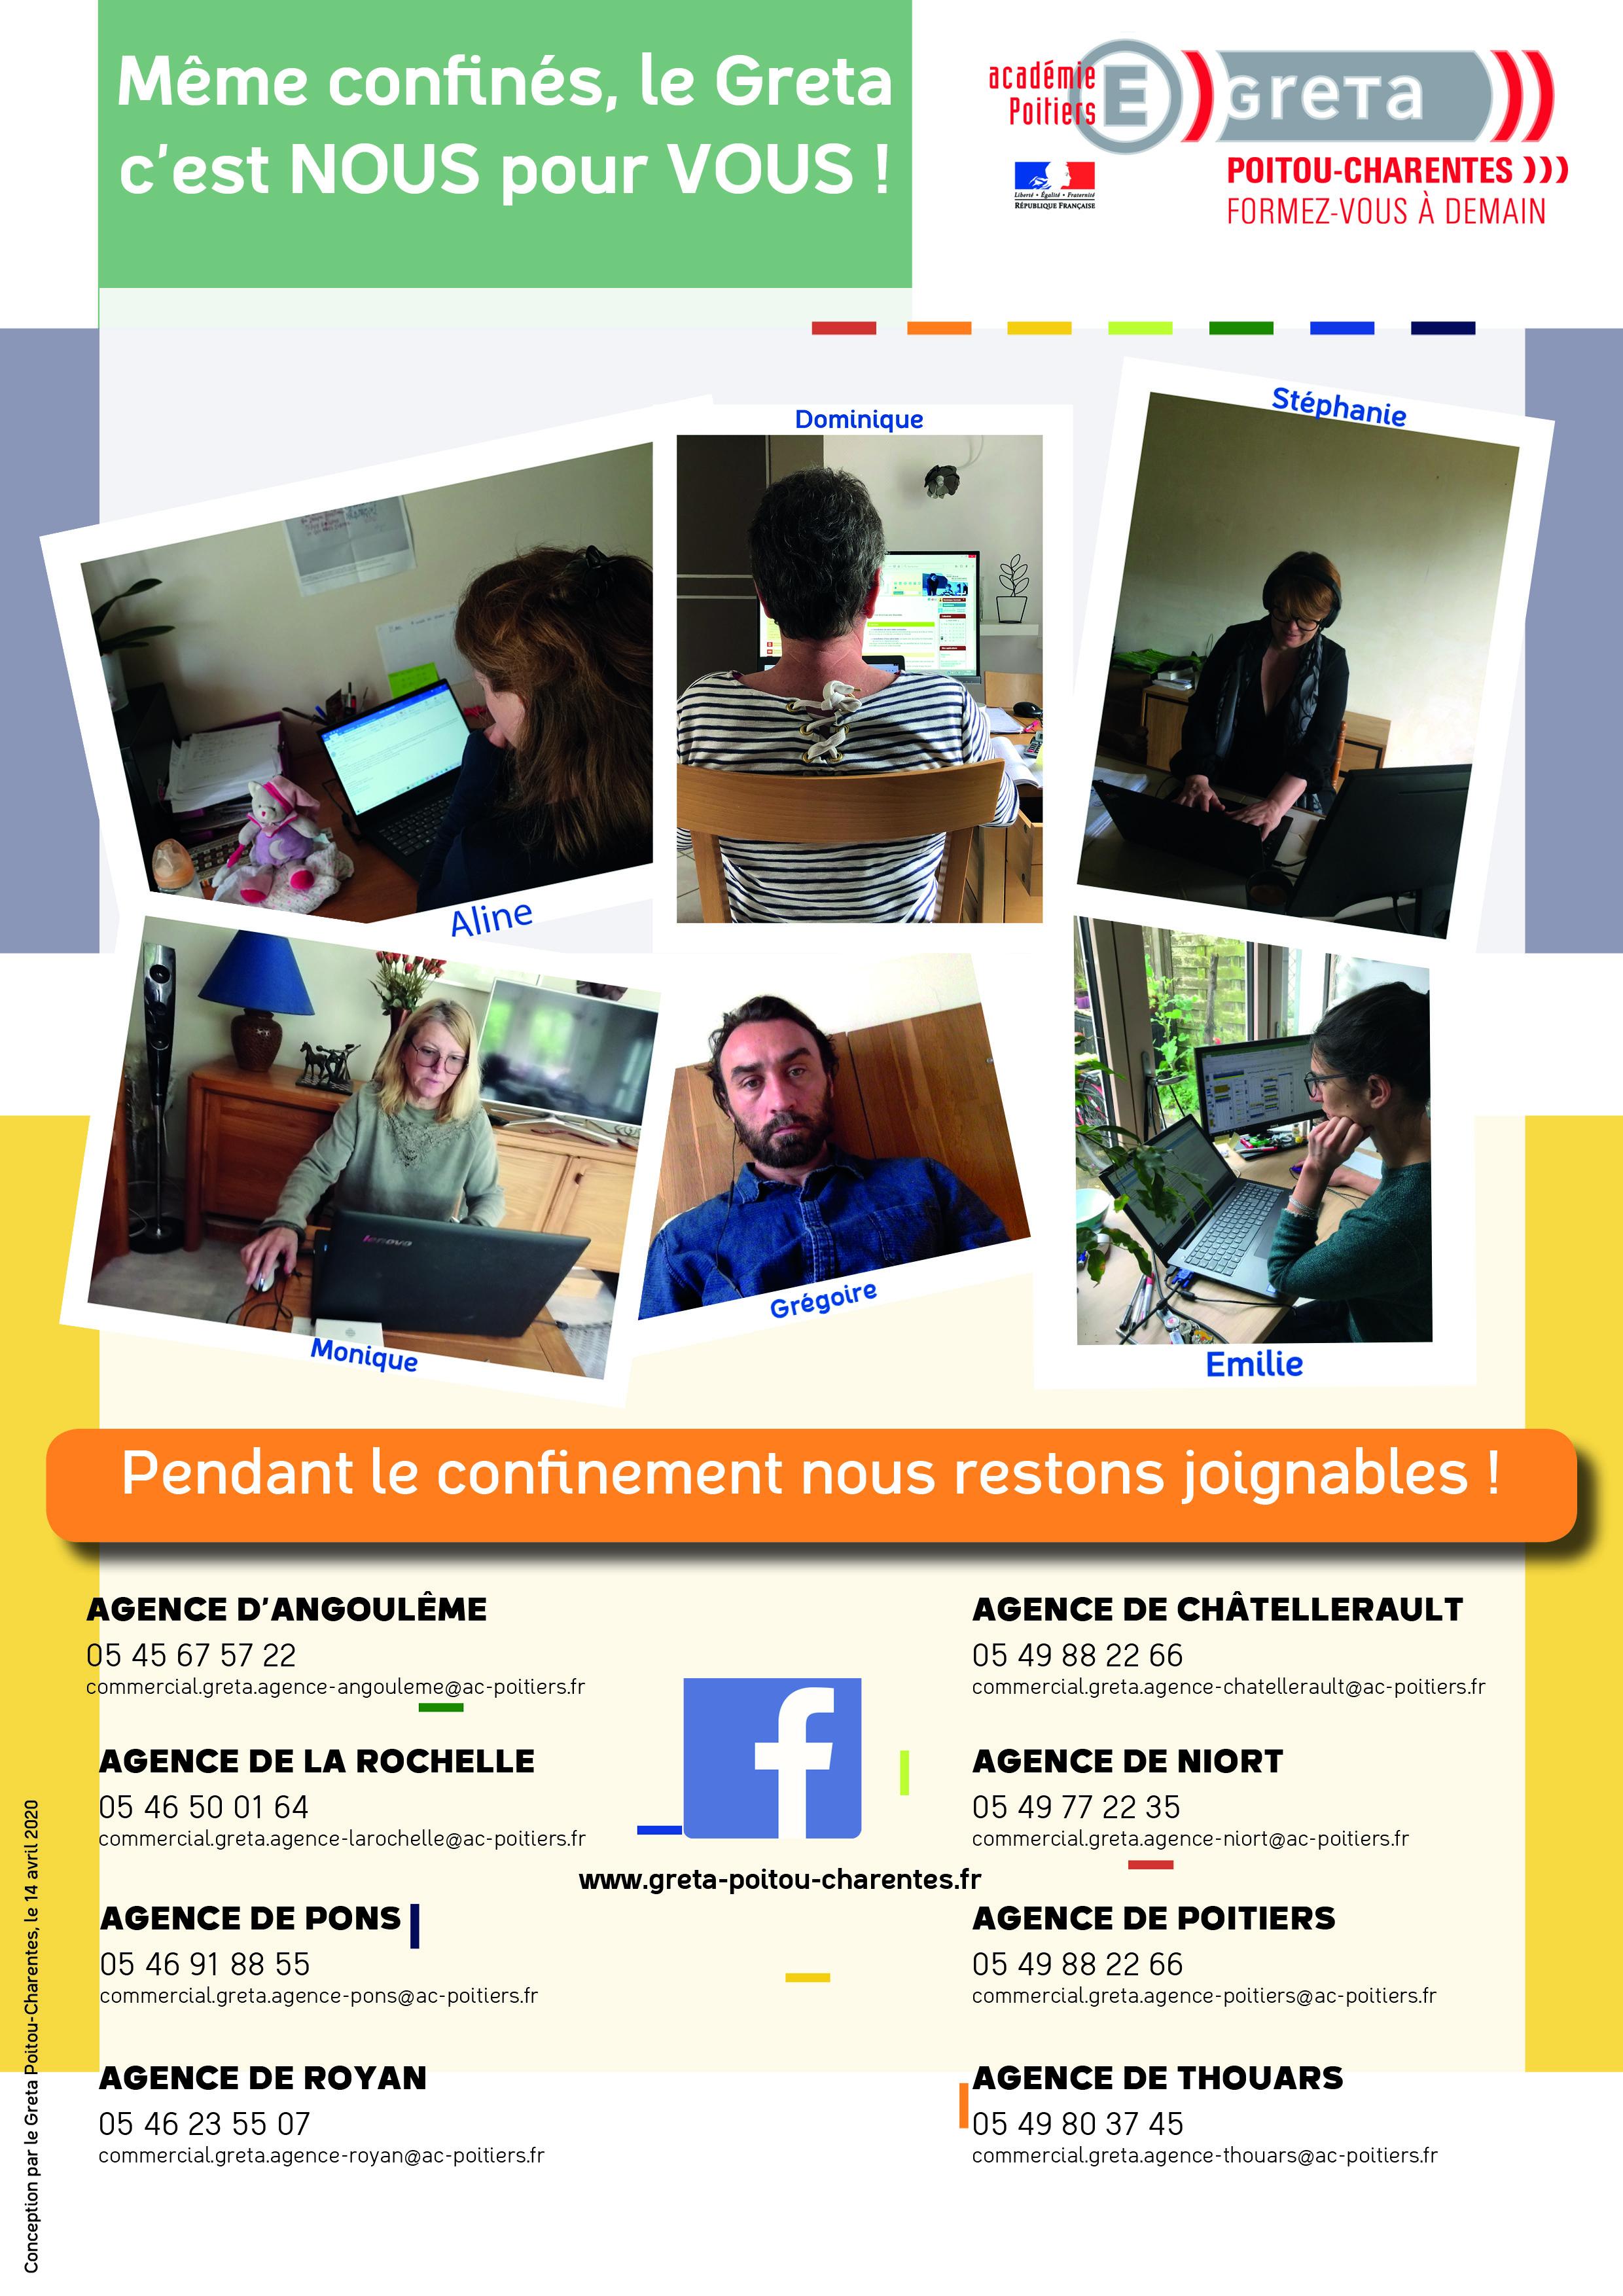 Affiche COVID19 Facebook 21.04.20